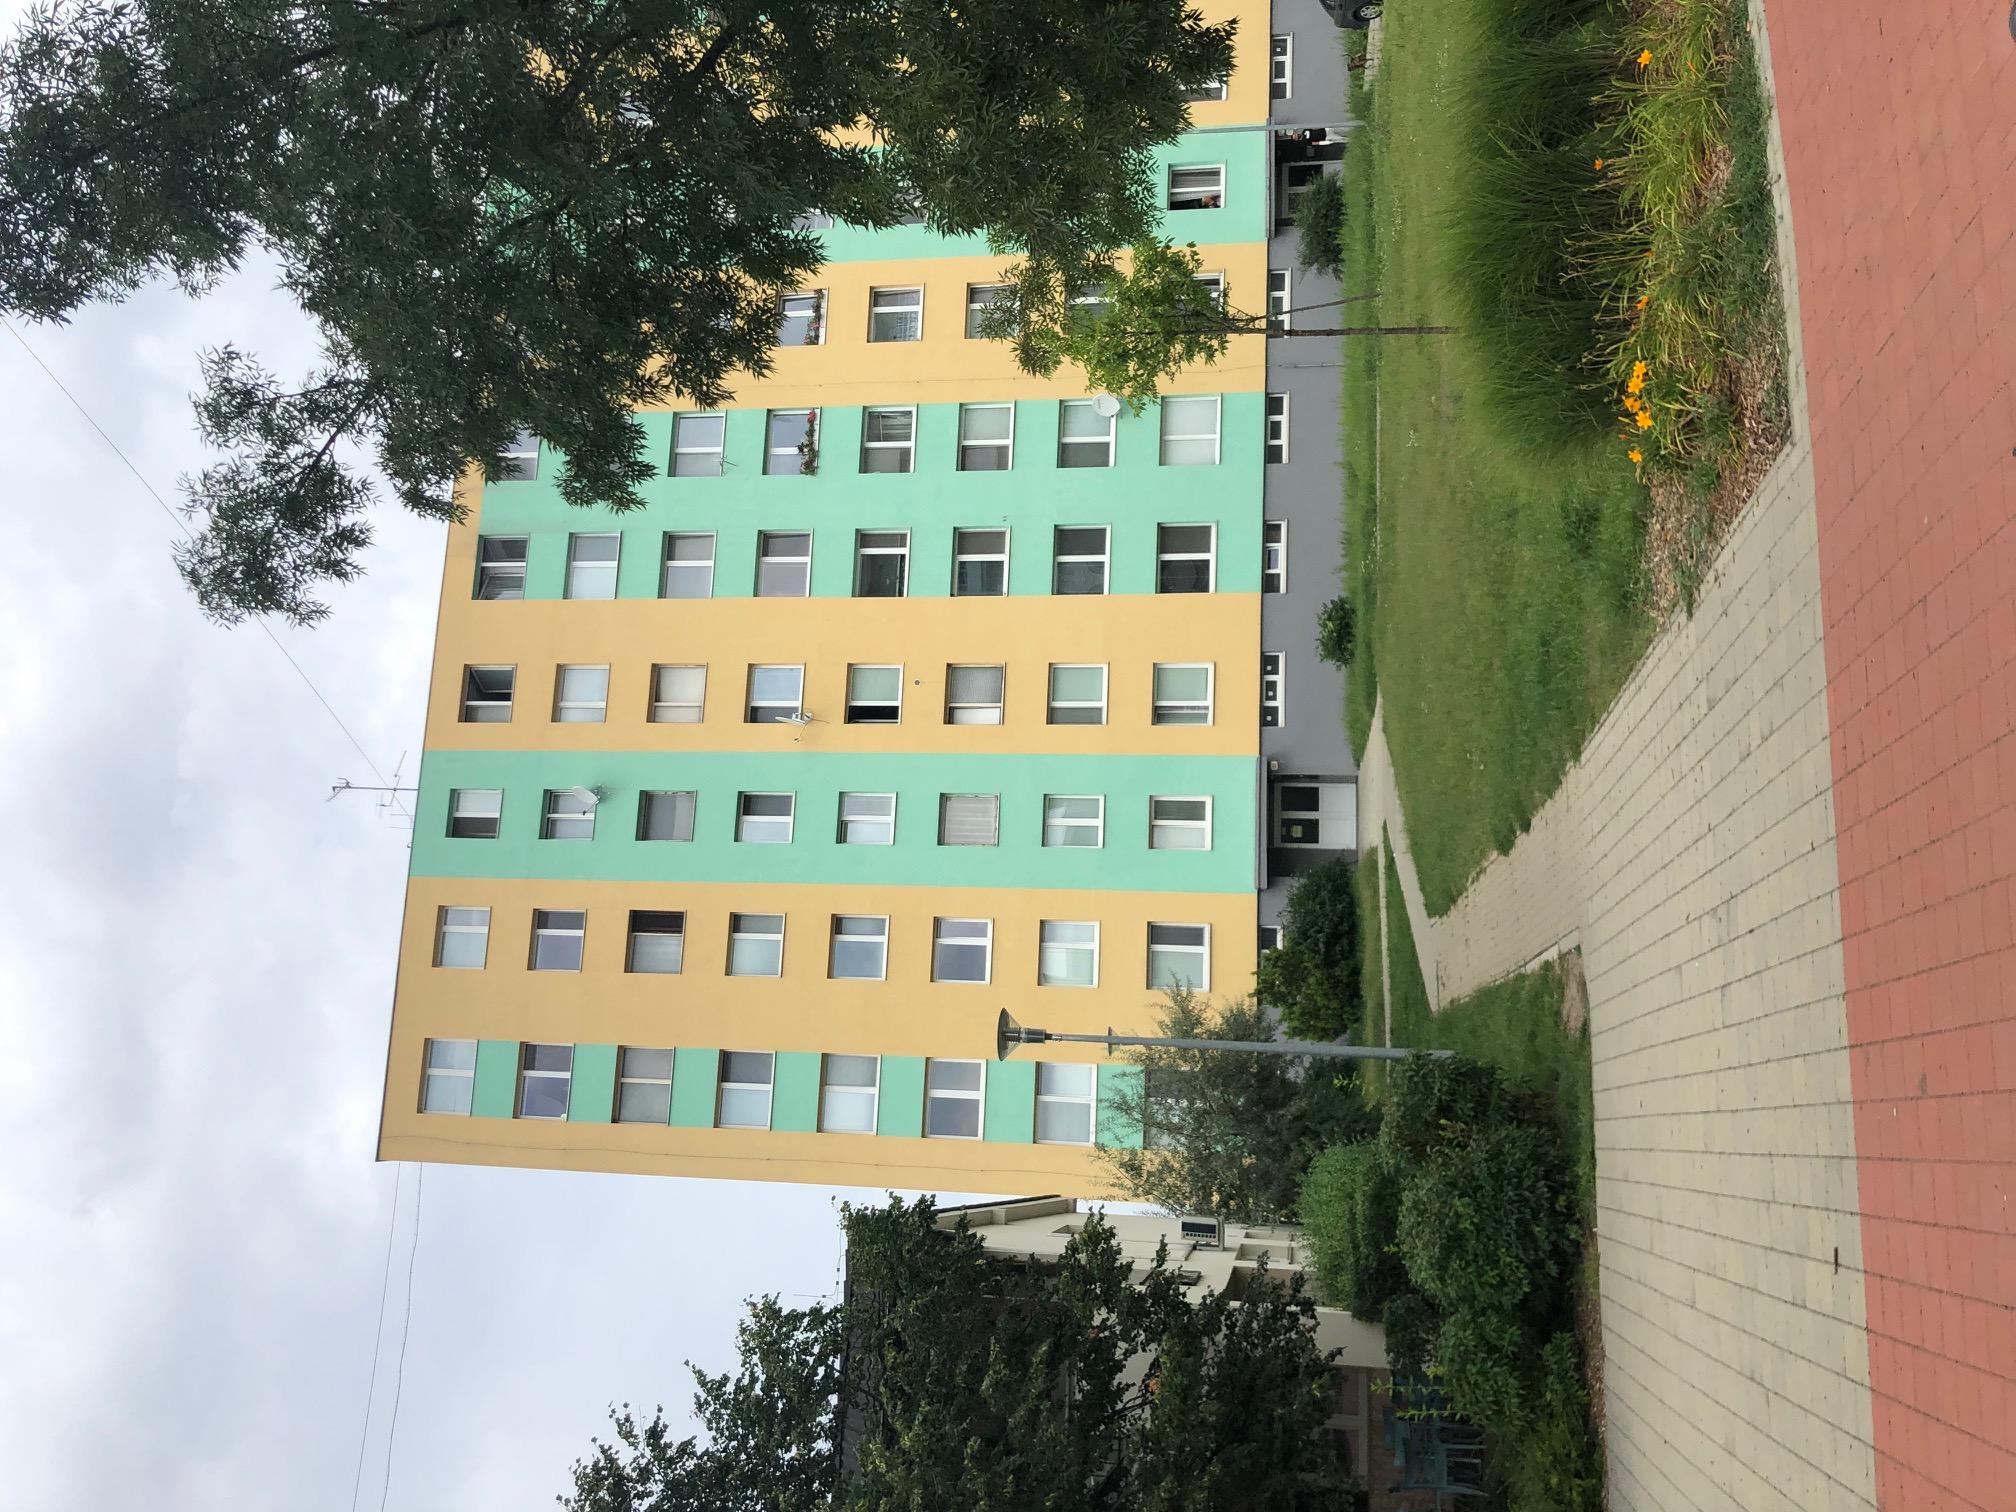 Predané: 2 izbový byt, 52m2, pivnica, pôvodný stav, Skuteckého, Malacky Juh-28